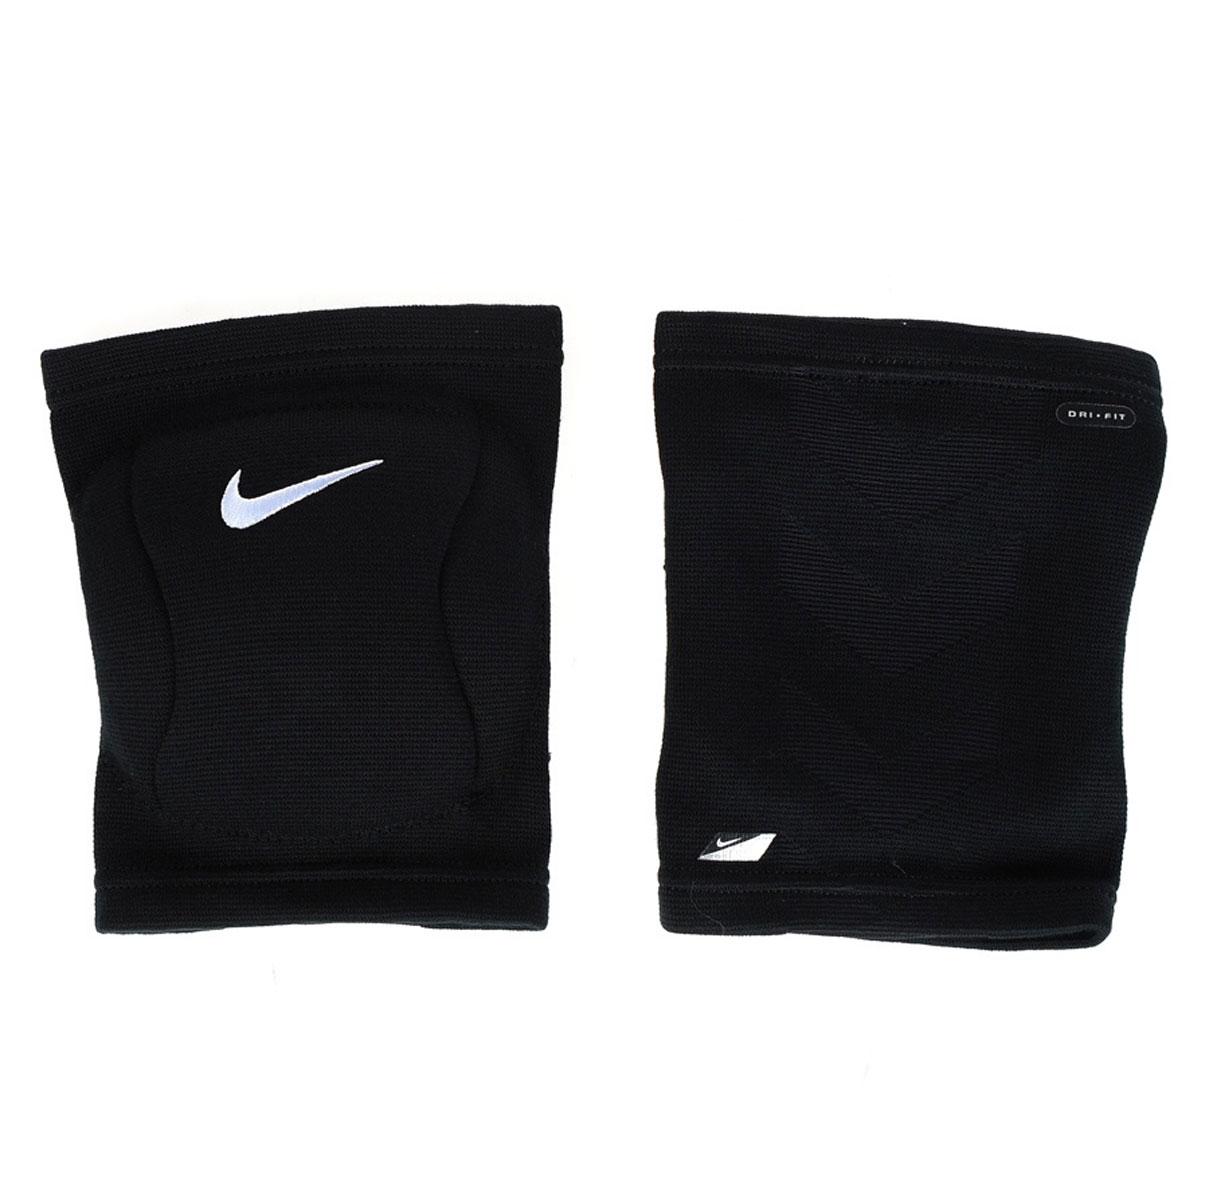 Наколенник Nike, цвет: черный. Размер L/XLN.VP.07.001.XXЗащитный наколенник для волейбола. В составе - вспененная резина, не натирают, комфортно сидят на ноге. С внутренней стороны - мягкая подкладка. Не стесняет движения. Очень легкие и плотно обтягивают ногу.